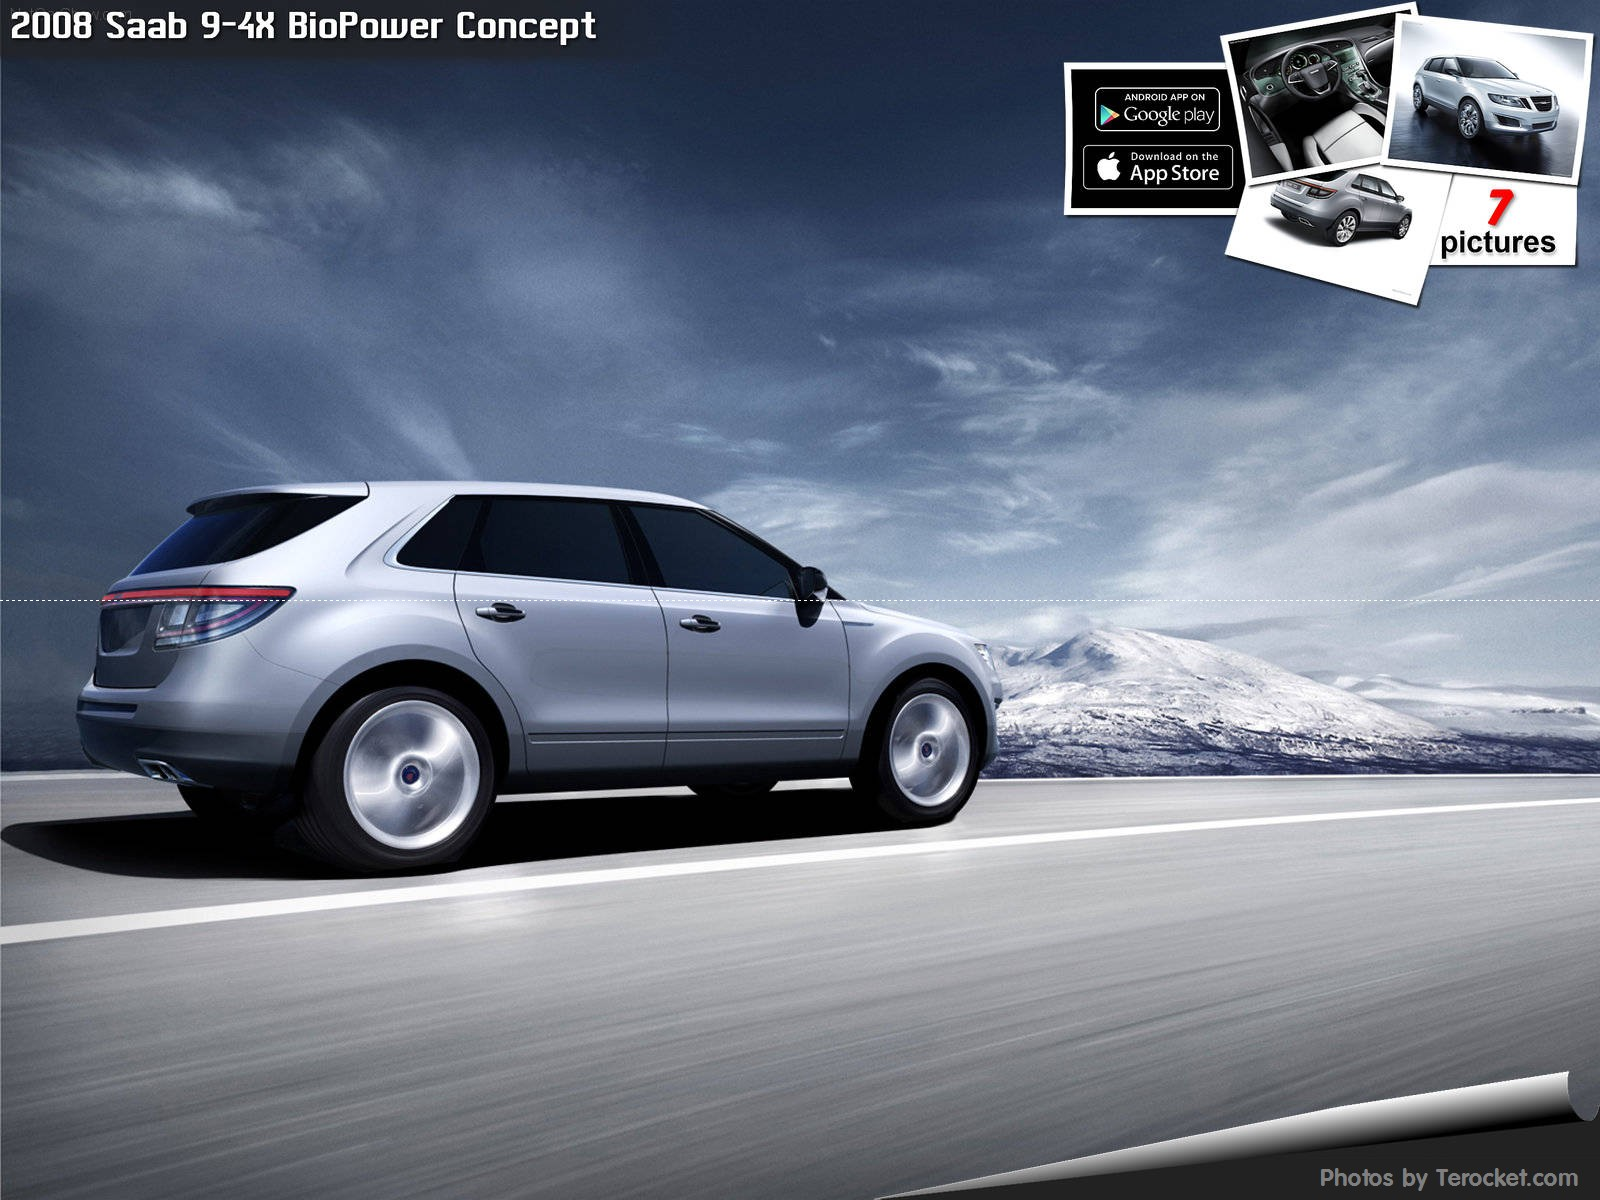 Hình ảnh xe ô tô Saab 9-4X BioPower Concept 2008 & nội ngoại thất